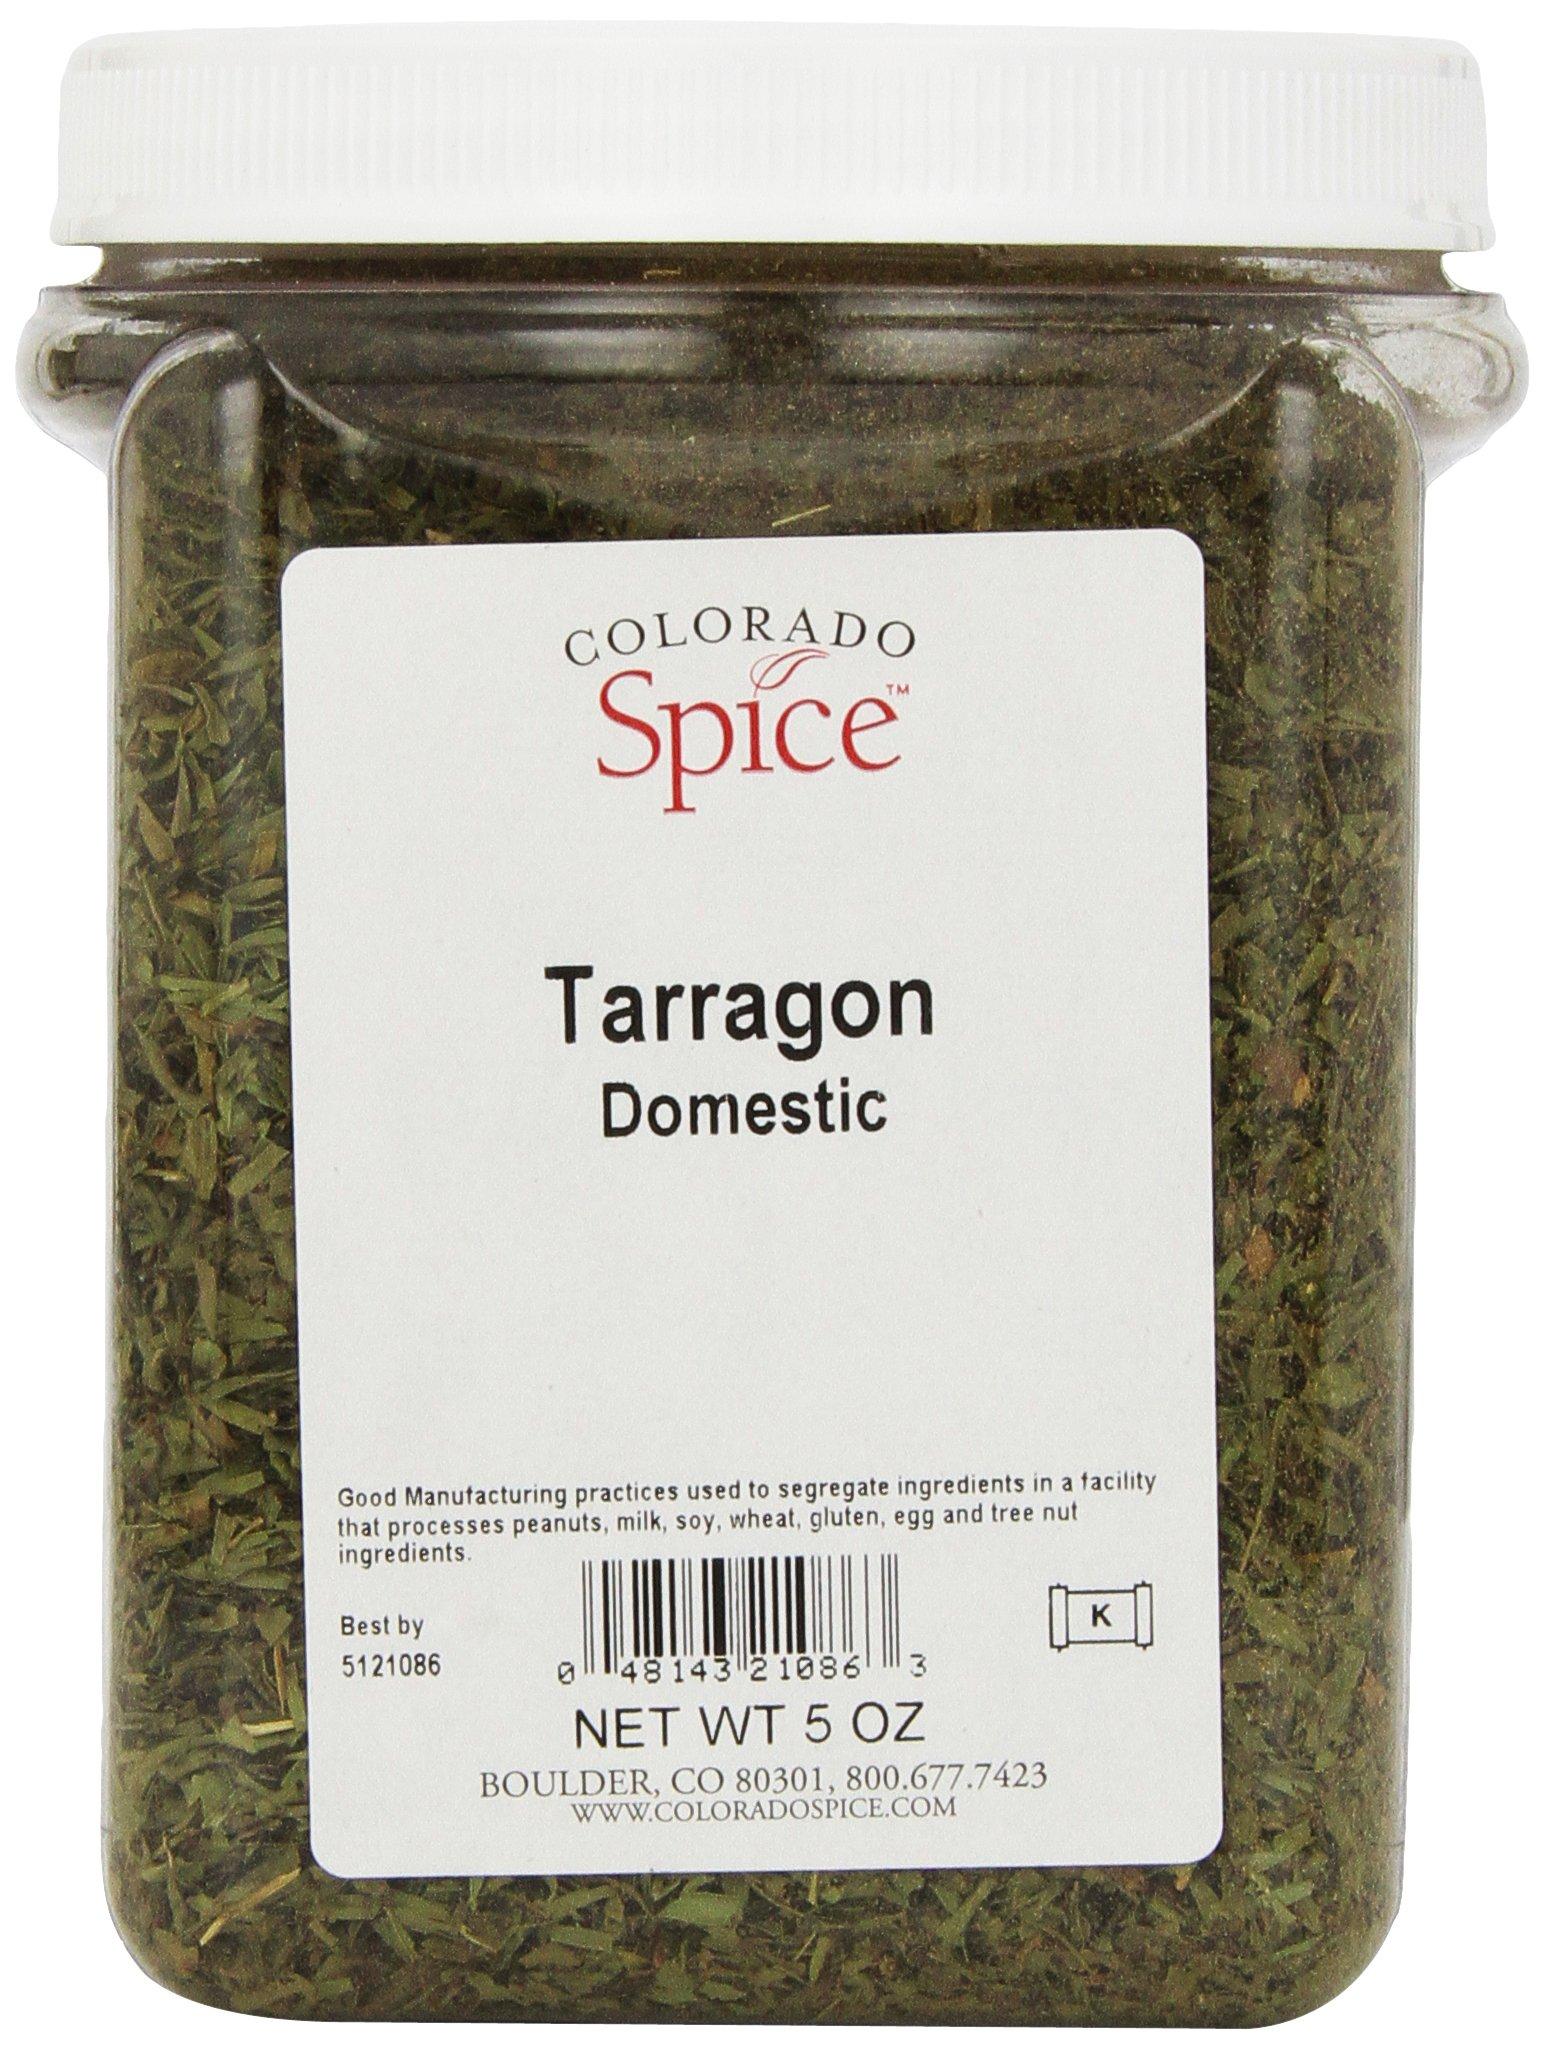 Colorado Spice Tarragon, Domestic, 5 Ounce Jar by Colorado Spice